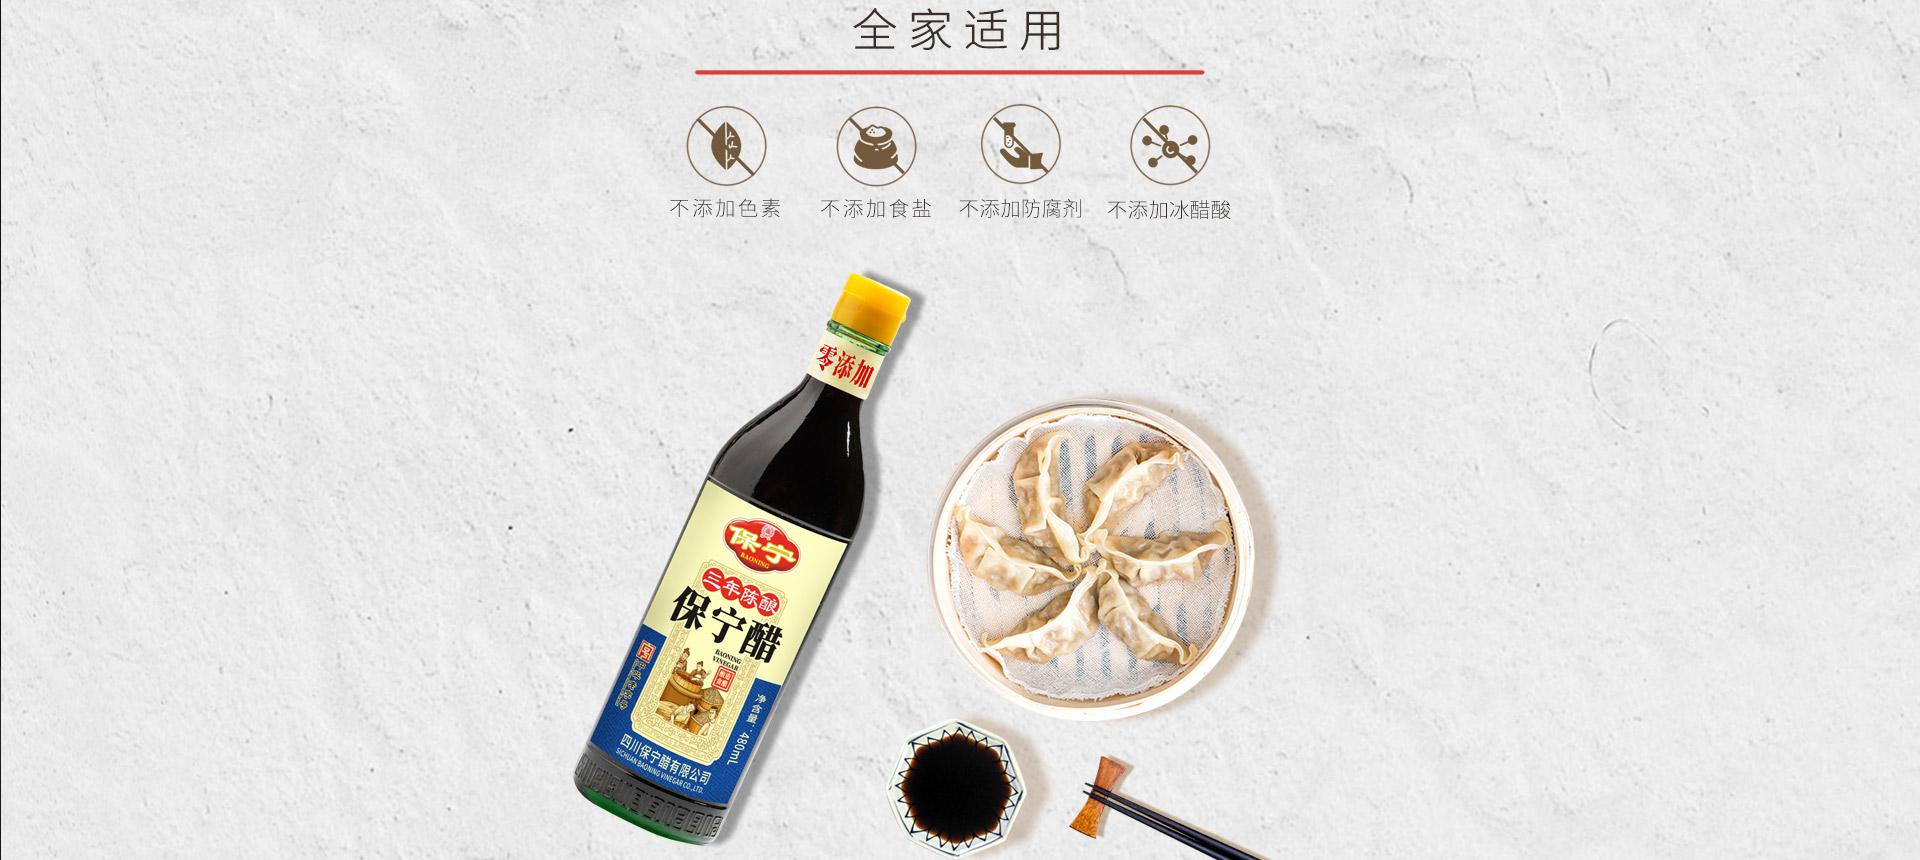 产品-陈酿_04.jpg